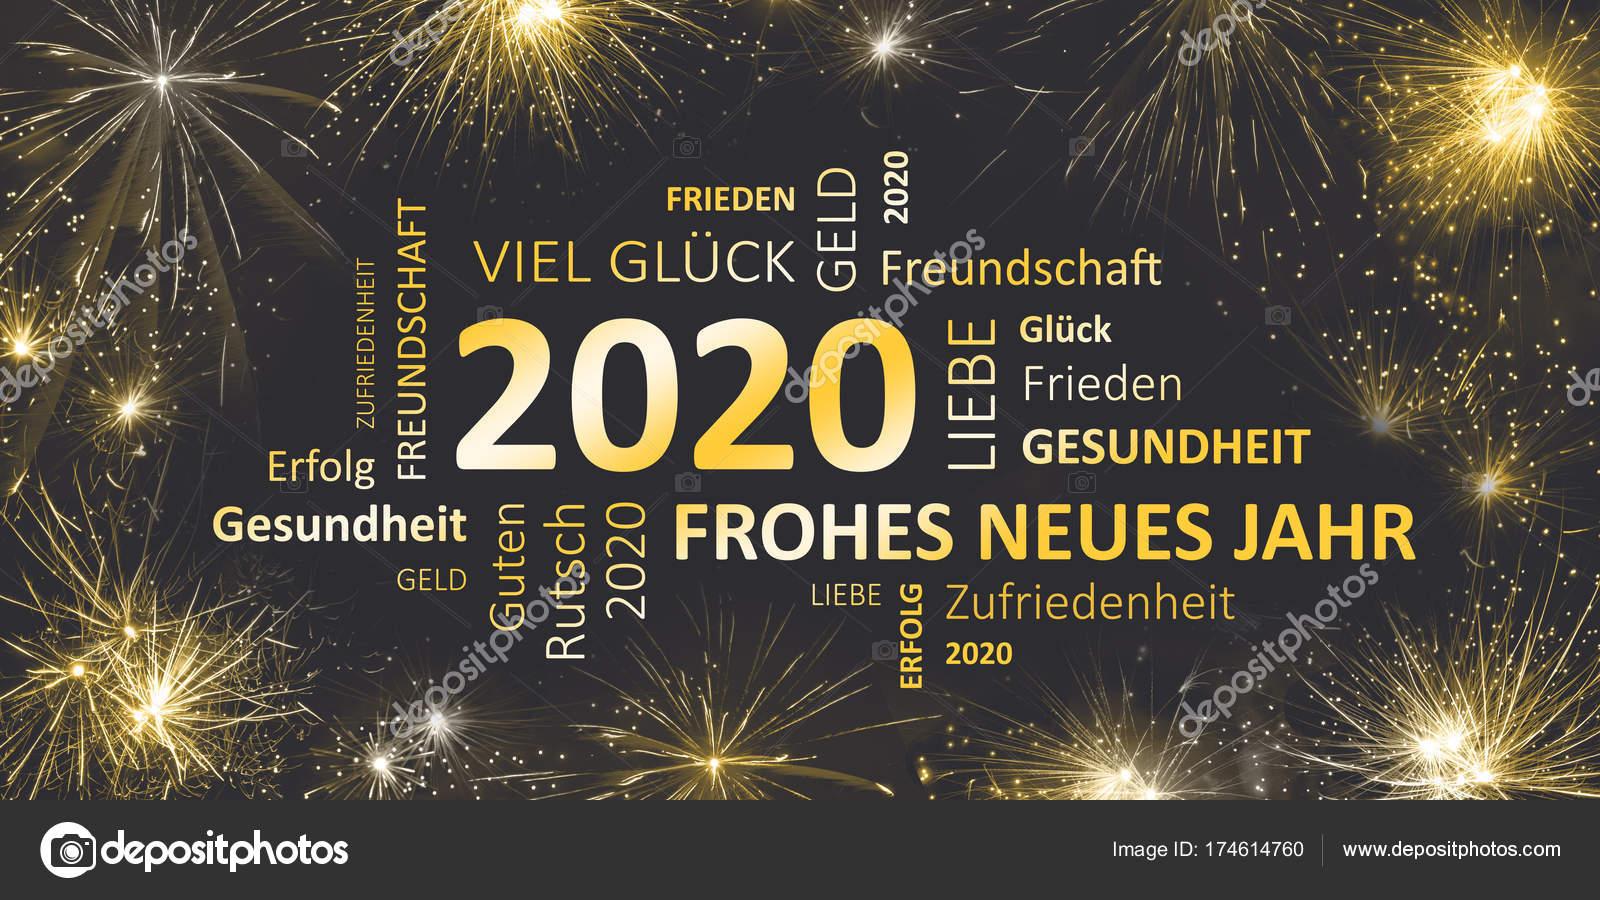 carte de voeux 2020 carte allemande pour le nouvel an 2020 — Photographie JNaether